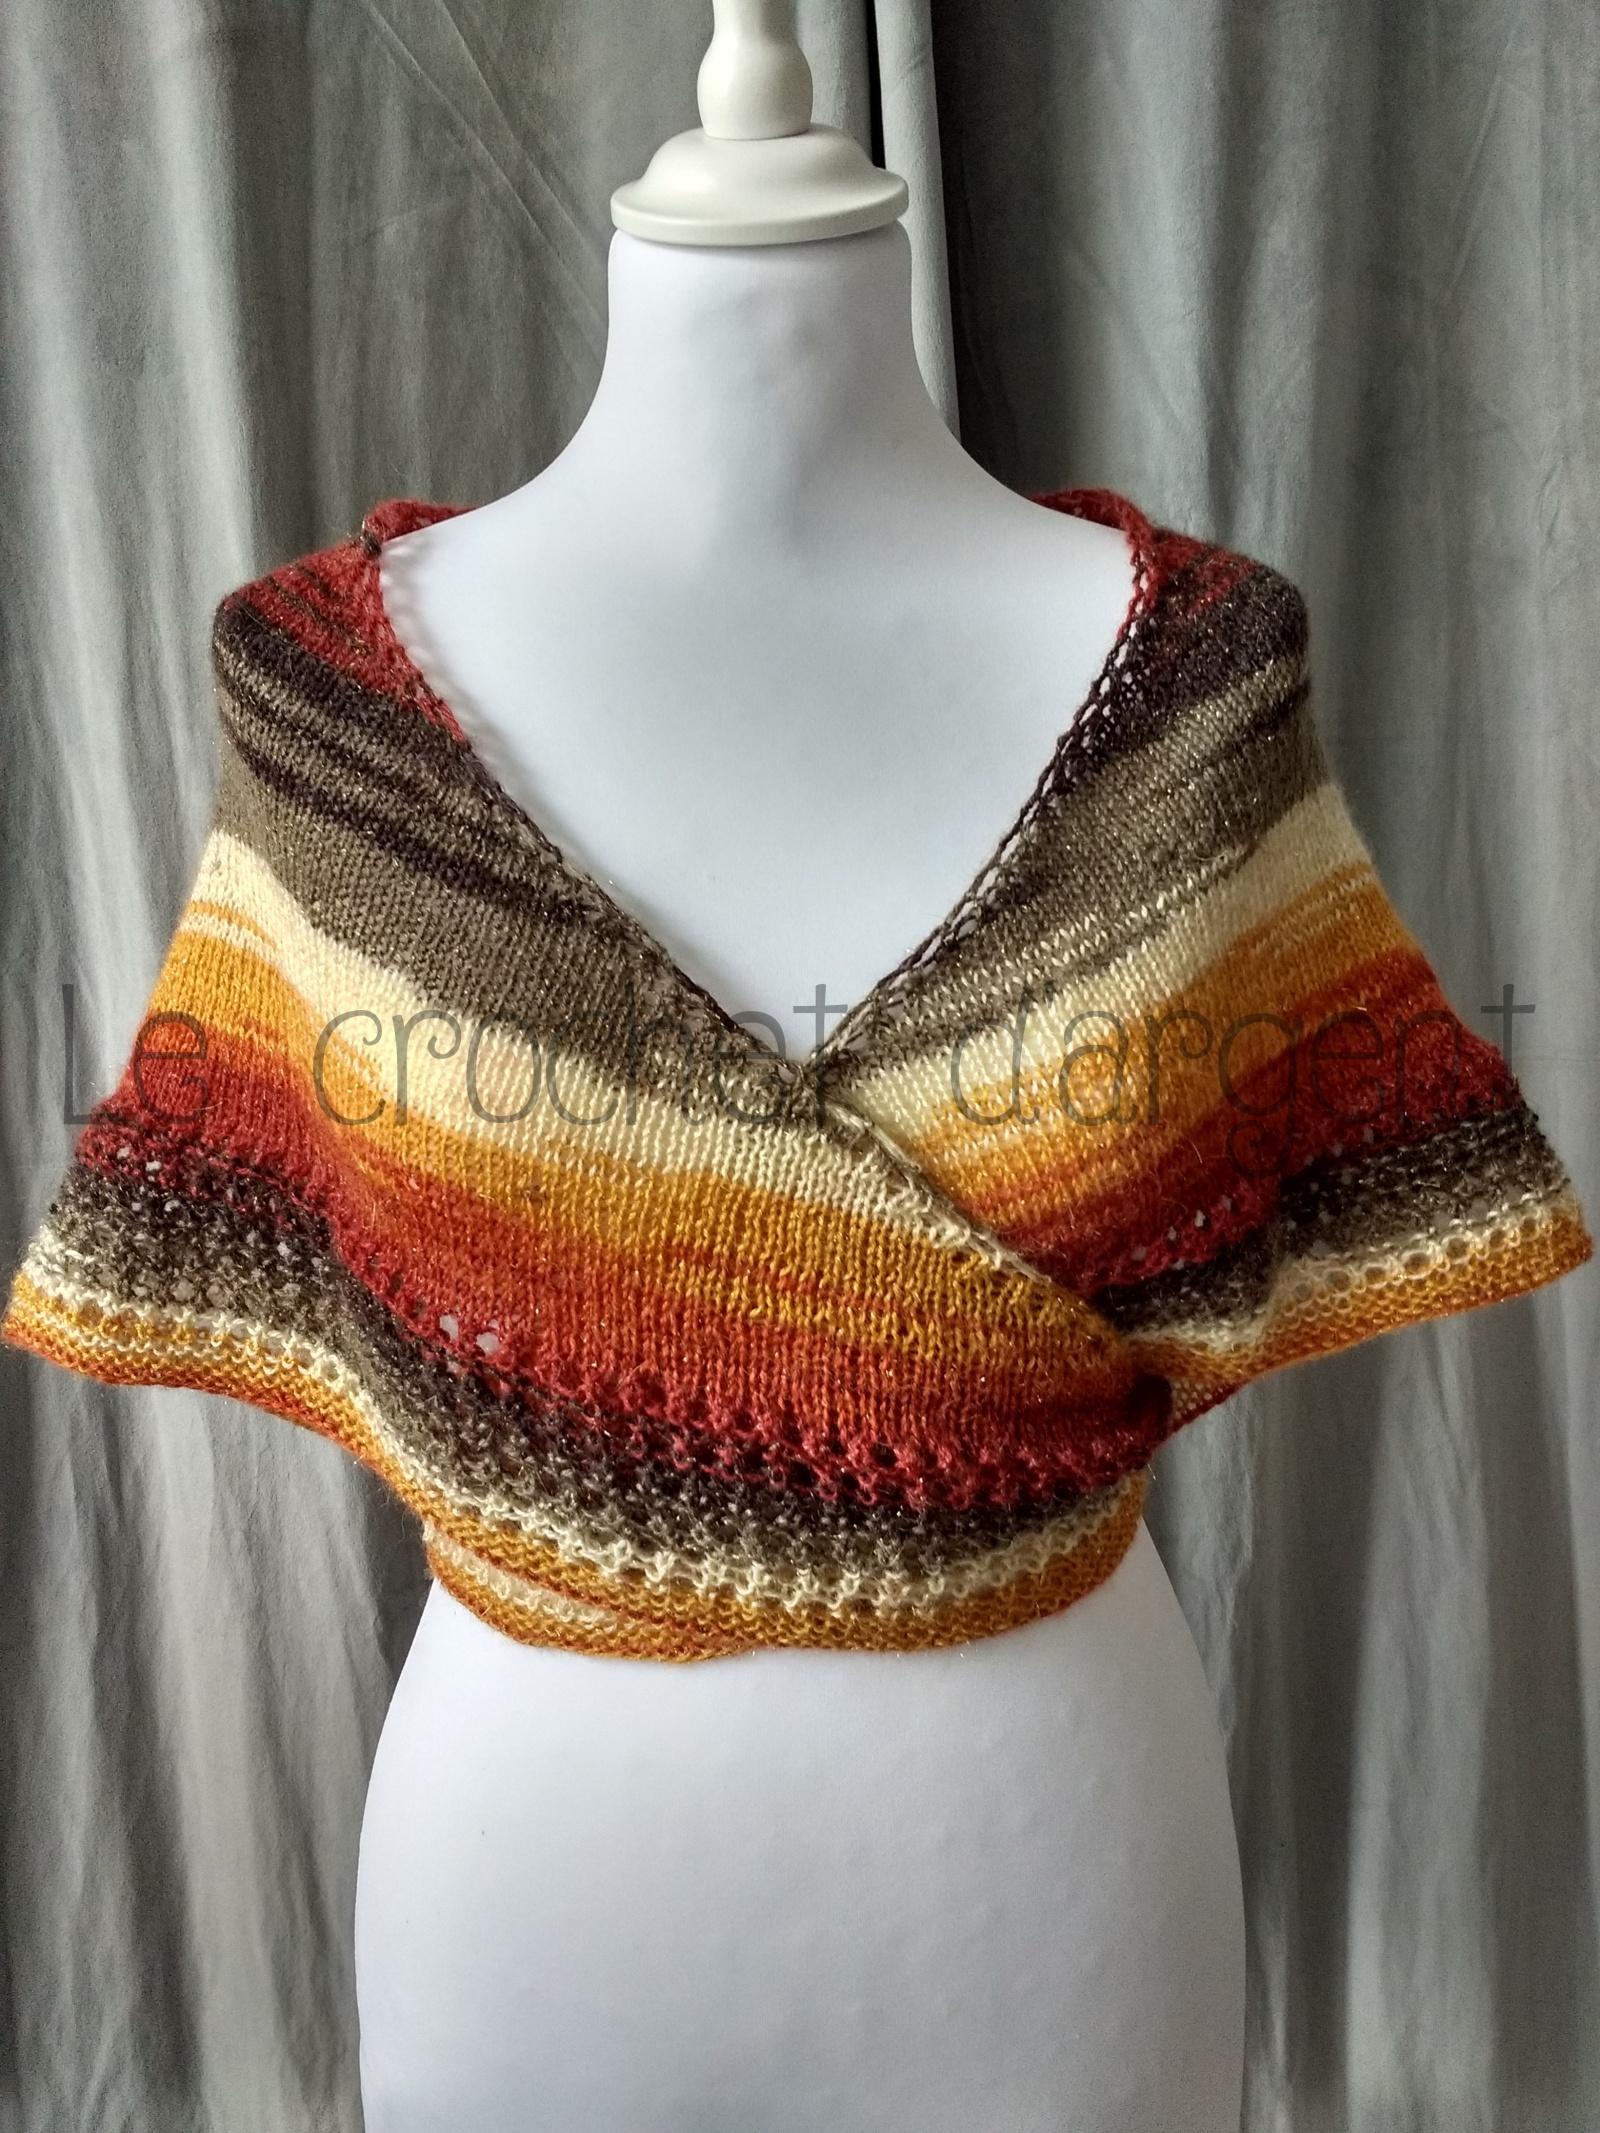 Un tutoriel gratuit d'un châle au tricot en forme de cœur et aux couleurs automnales